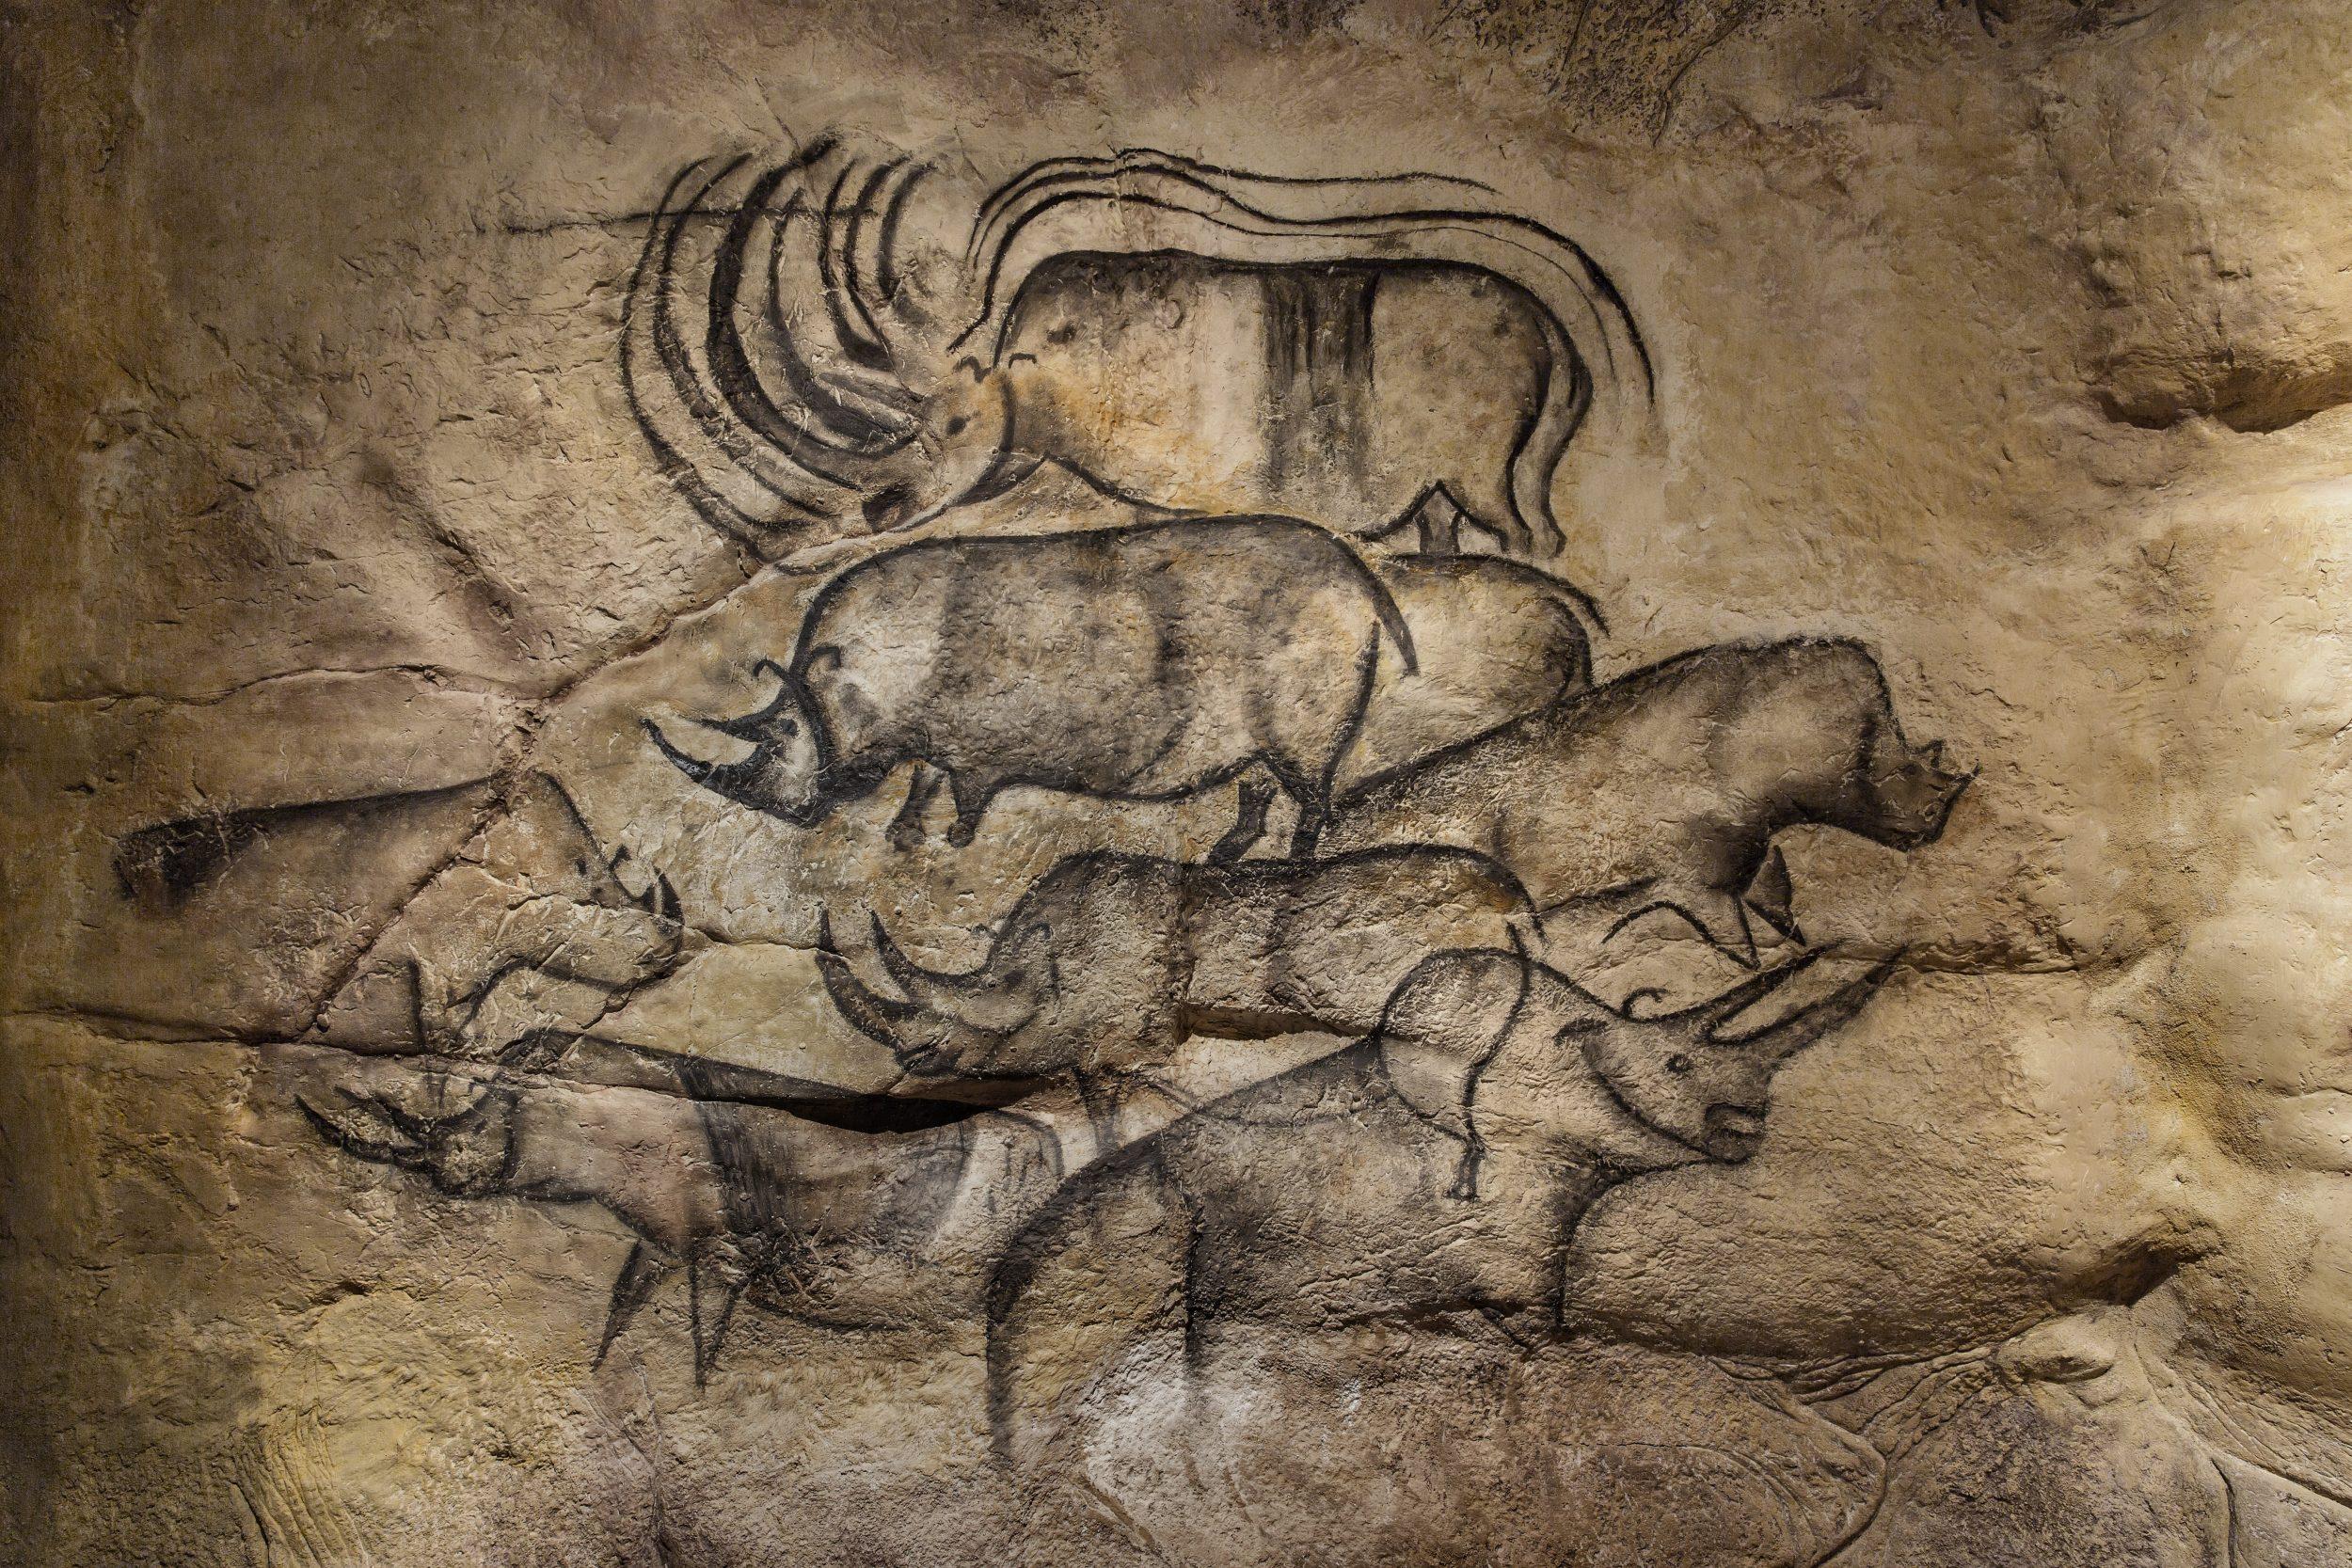 Höhle Chauvet Detail